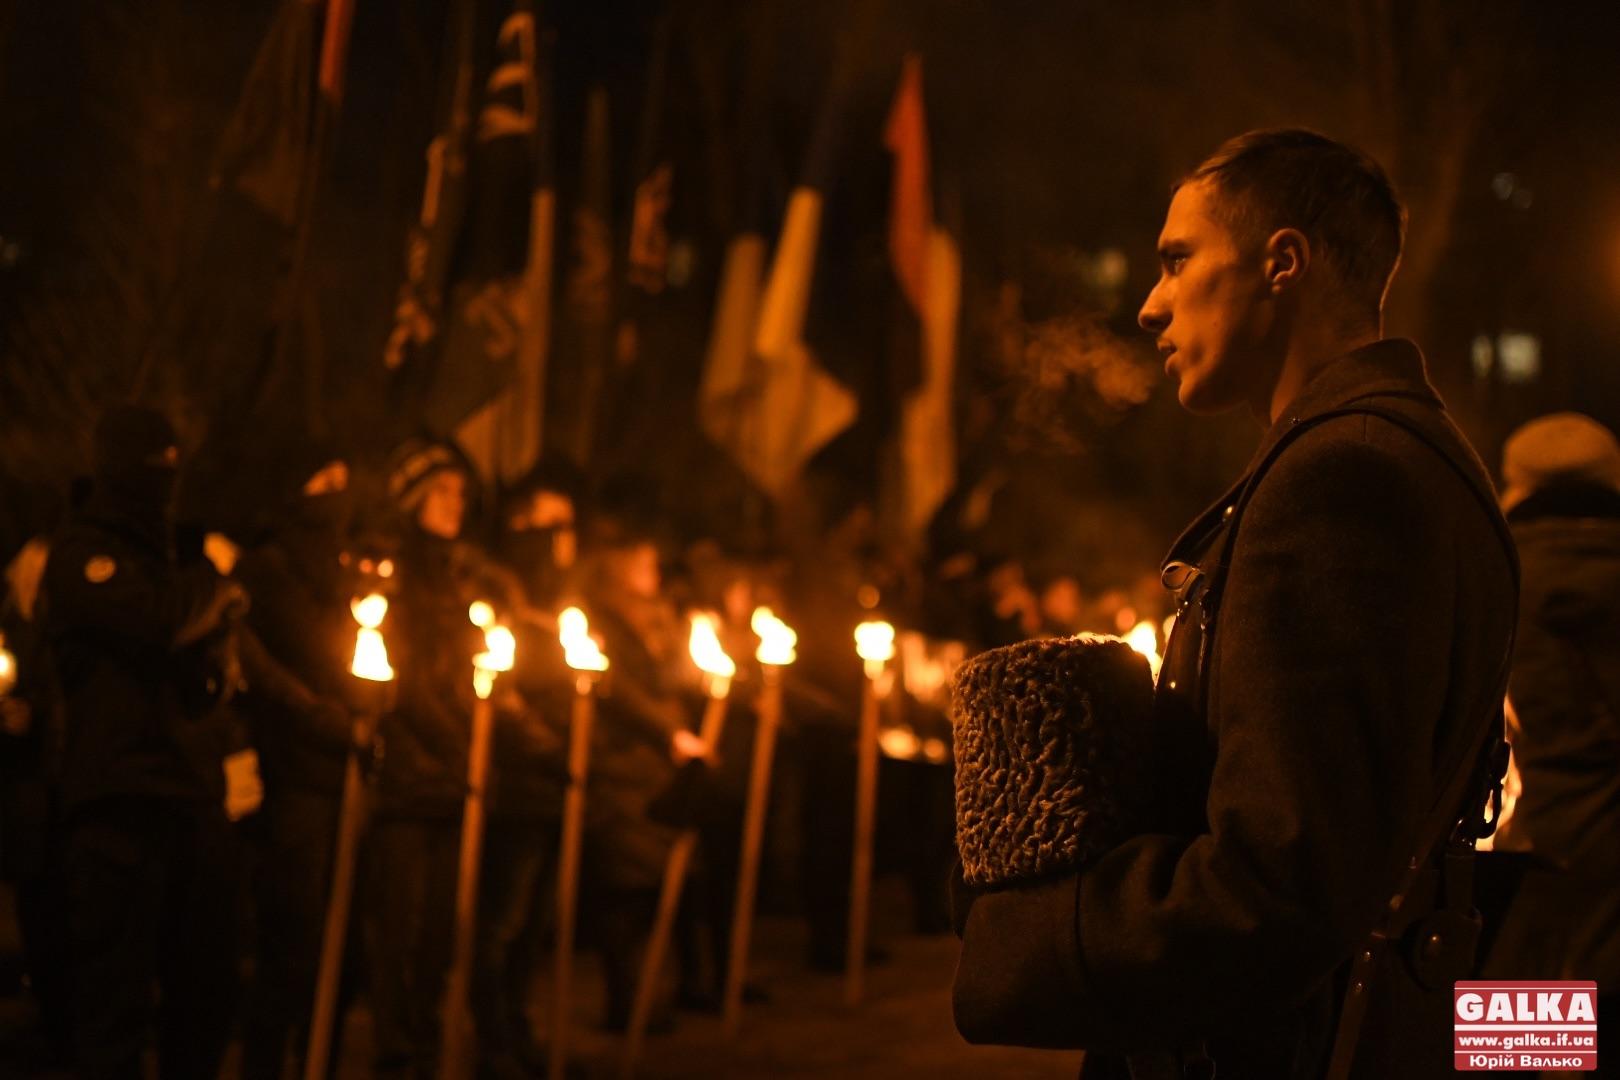 Франківці зі смолоскипами вшанували 103-тю річницю бою під Крутами у Франківську (ФОТО)